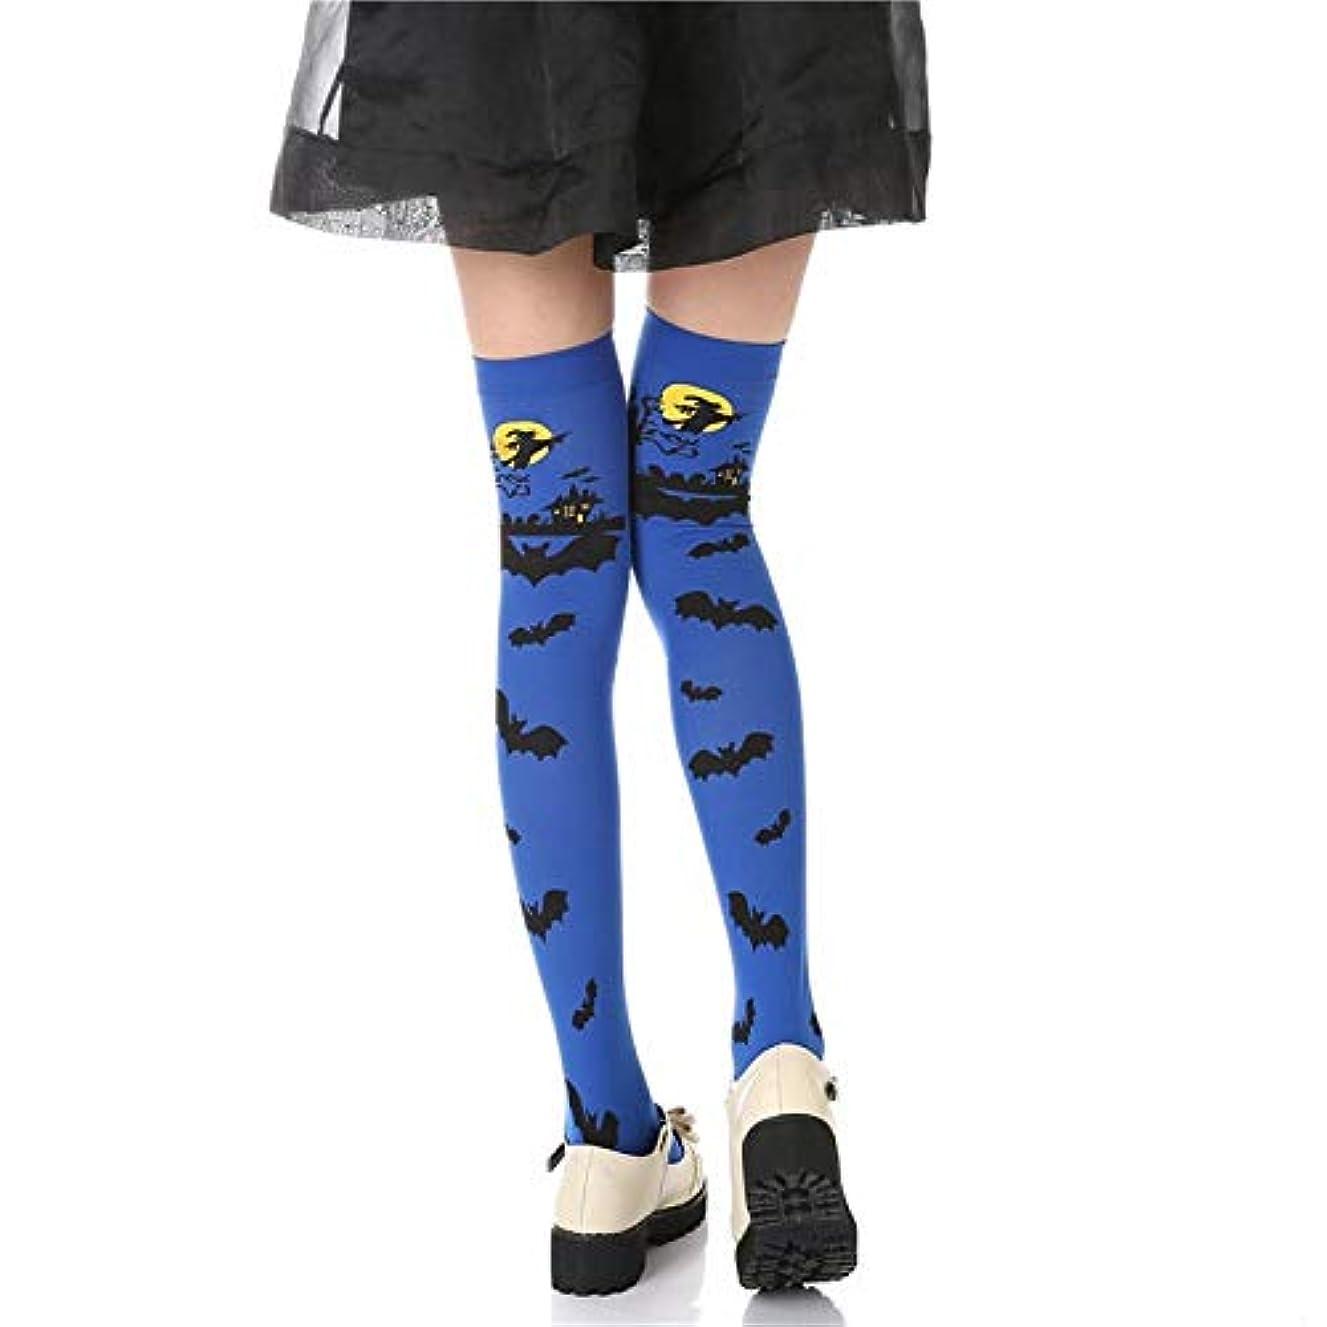 メモ調整可能スクラブ女性 5色は、長いストッキングの女の子の暖かいストッキングファッションコットン腿の高いオーバー膝秋のカジュアルストッキングレディース1pair (Color : Blue)